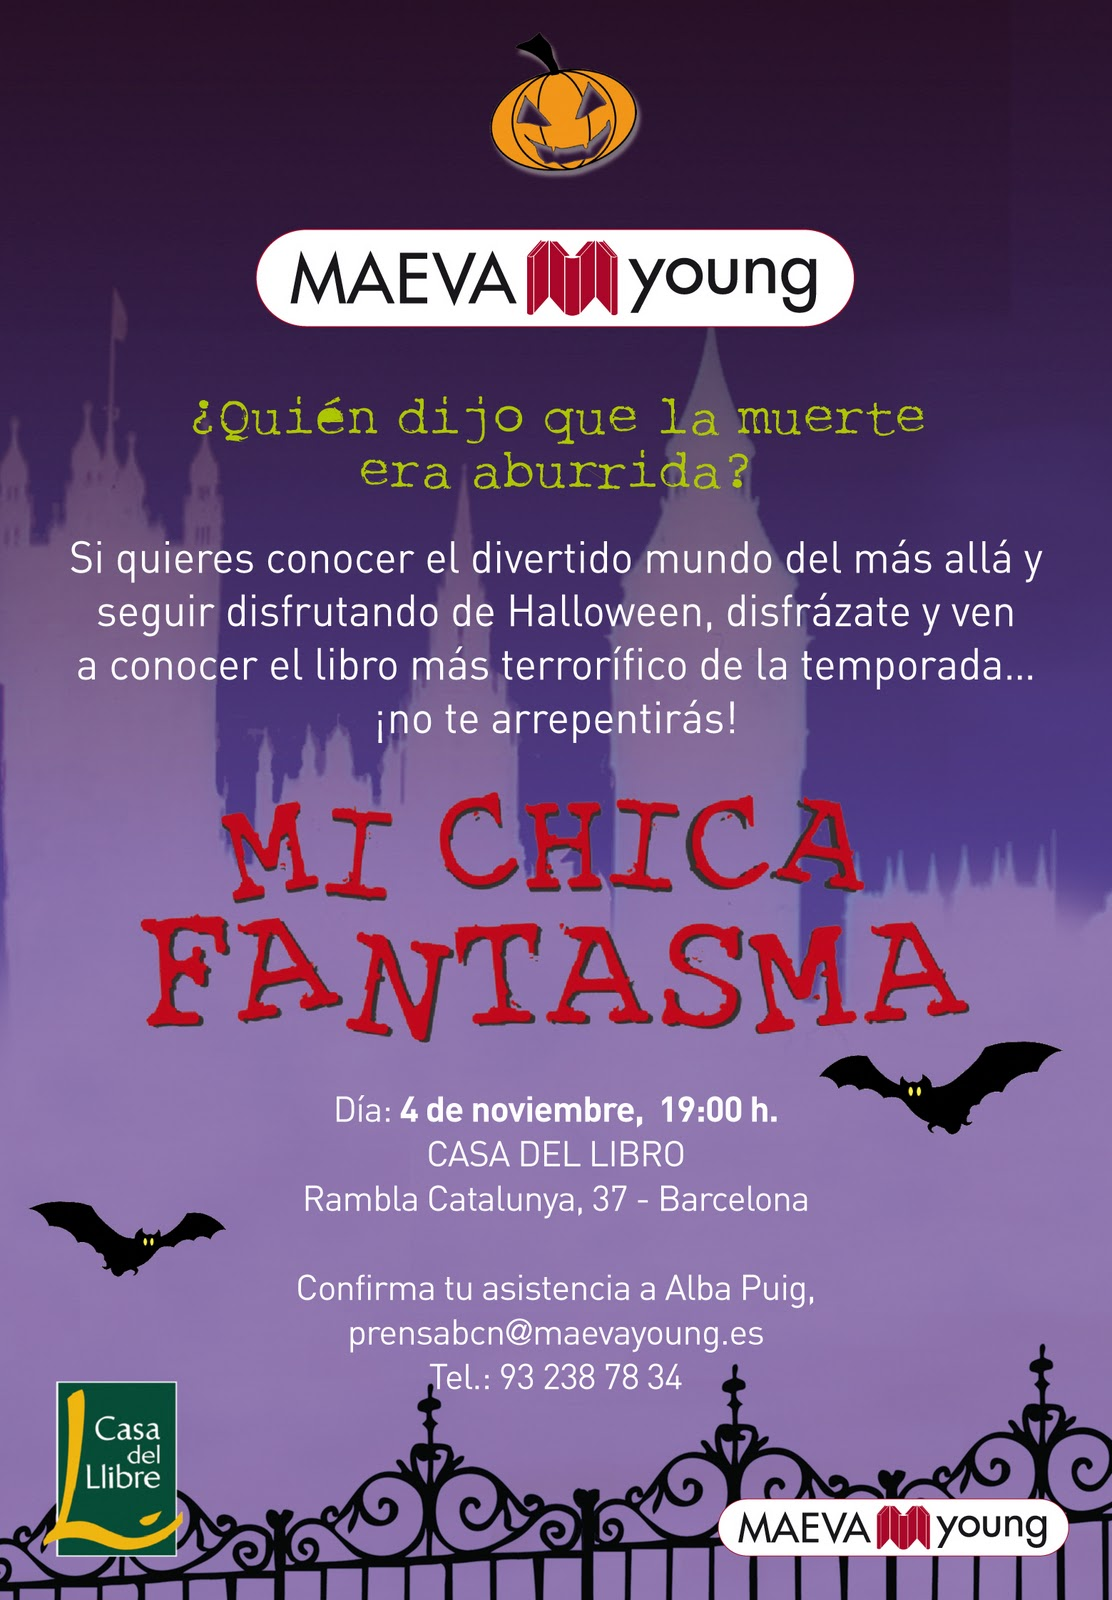 Fiesta mi chica fantasma en barcelona el cofre de nebe - Casa del libro barcelona rambla catalunya ...